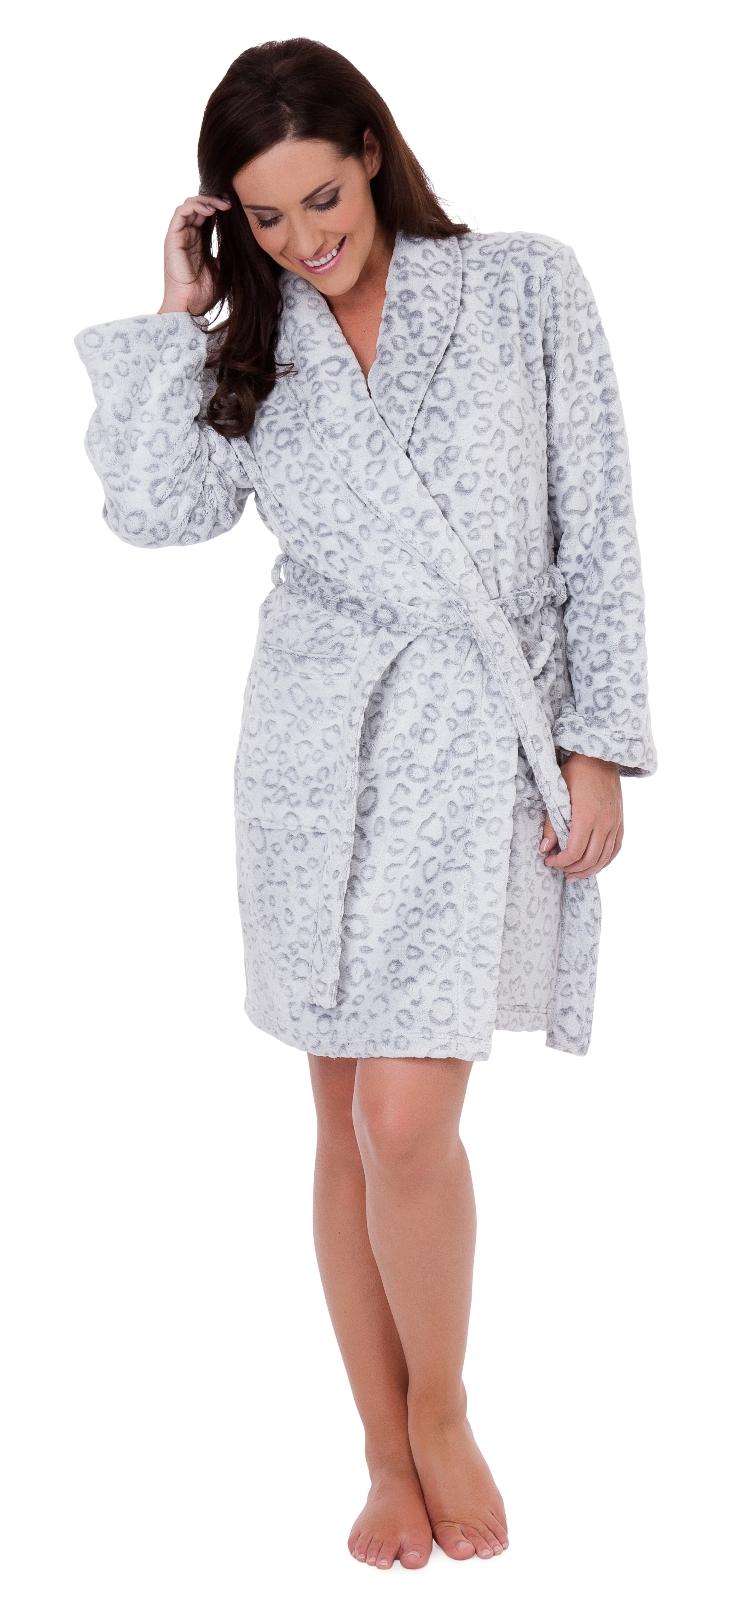 Womens Luxury Leopard Nightwear Range Robe Dressing Gown Pyjamas Pjs ...